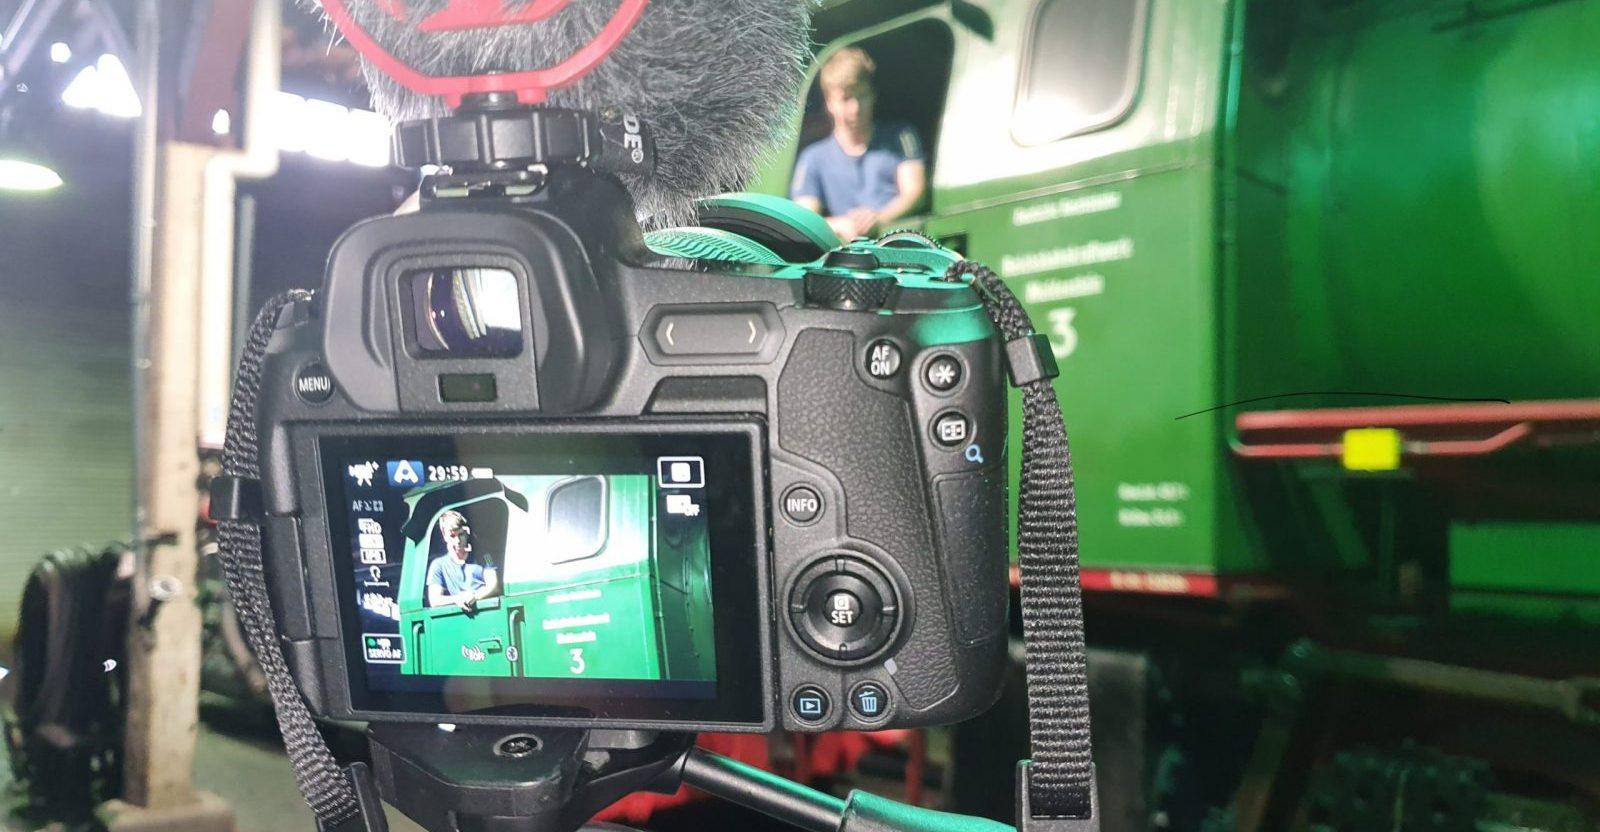 ©Foto: Azubis | railmen | Videodreh zur Projektwoche in Halle (Saale)